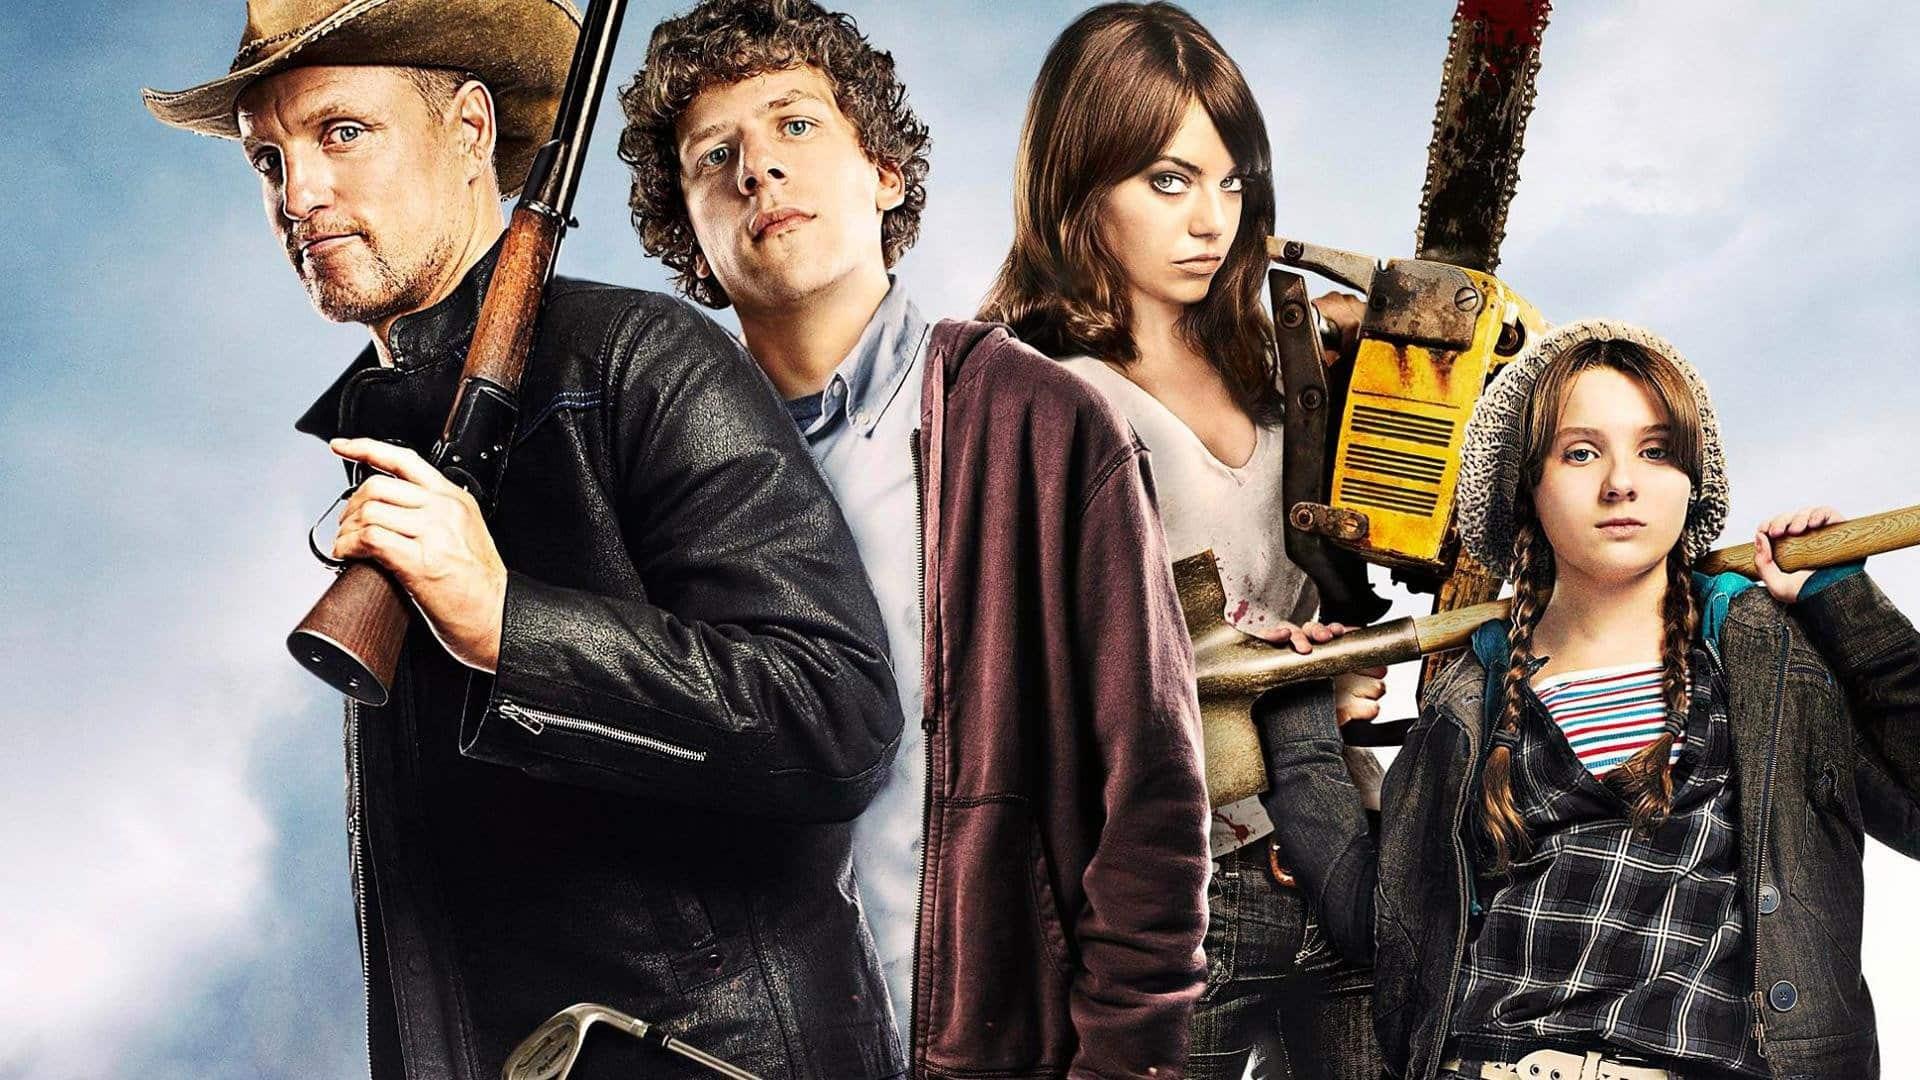 benvenuti a zombieland stasera in tv, cinematographe.it